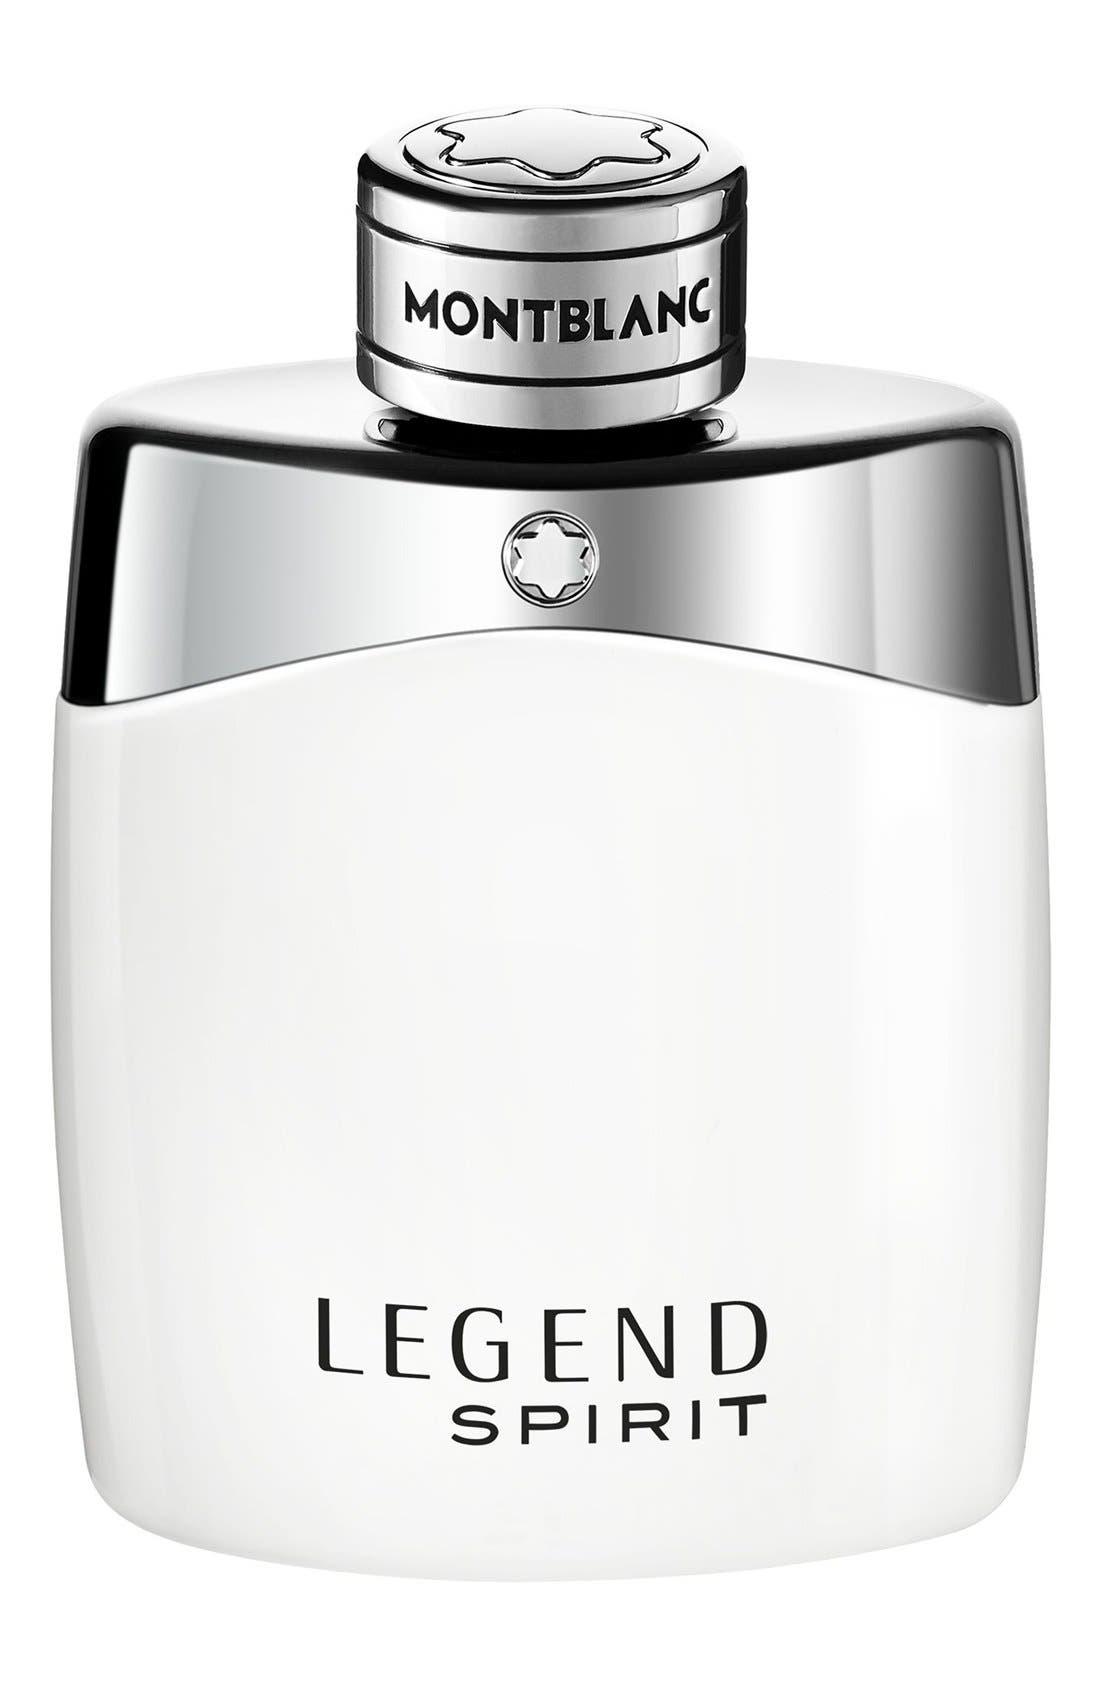 MONTBLANC 'Legend Spirit' Eau de Toilette